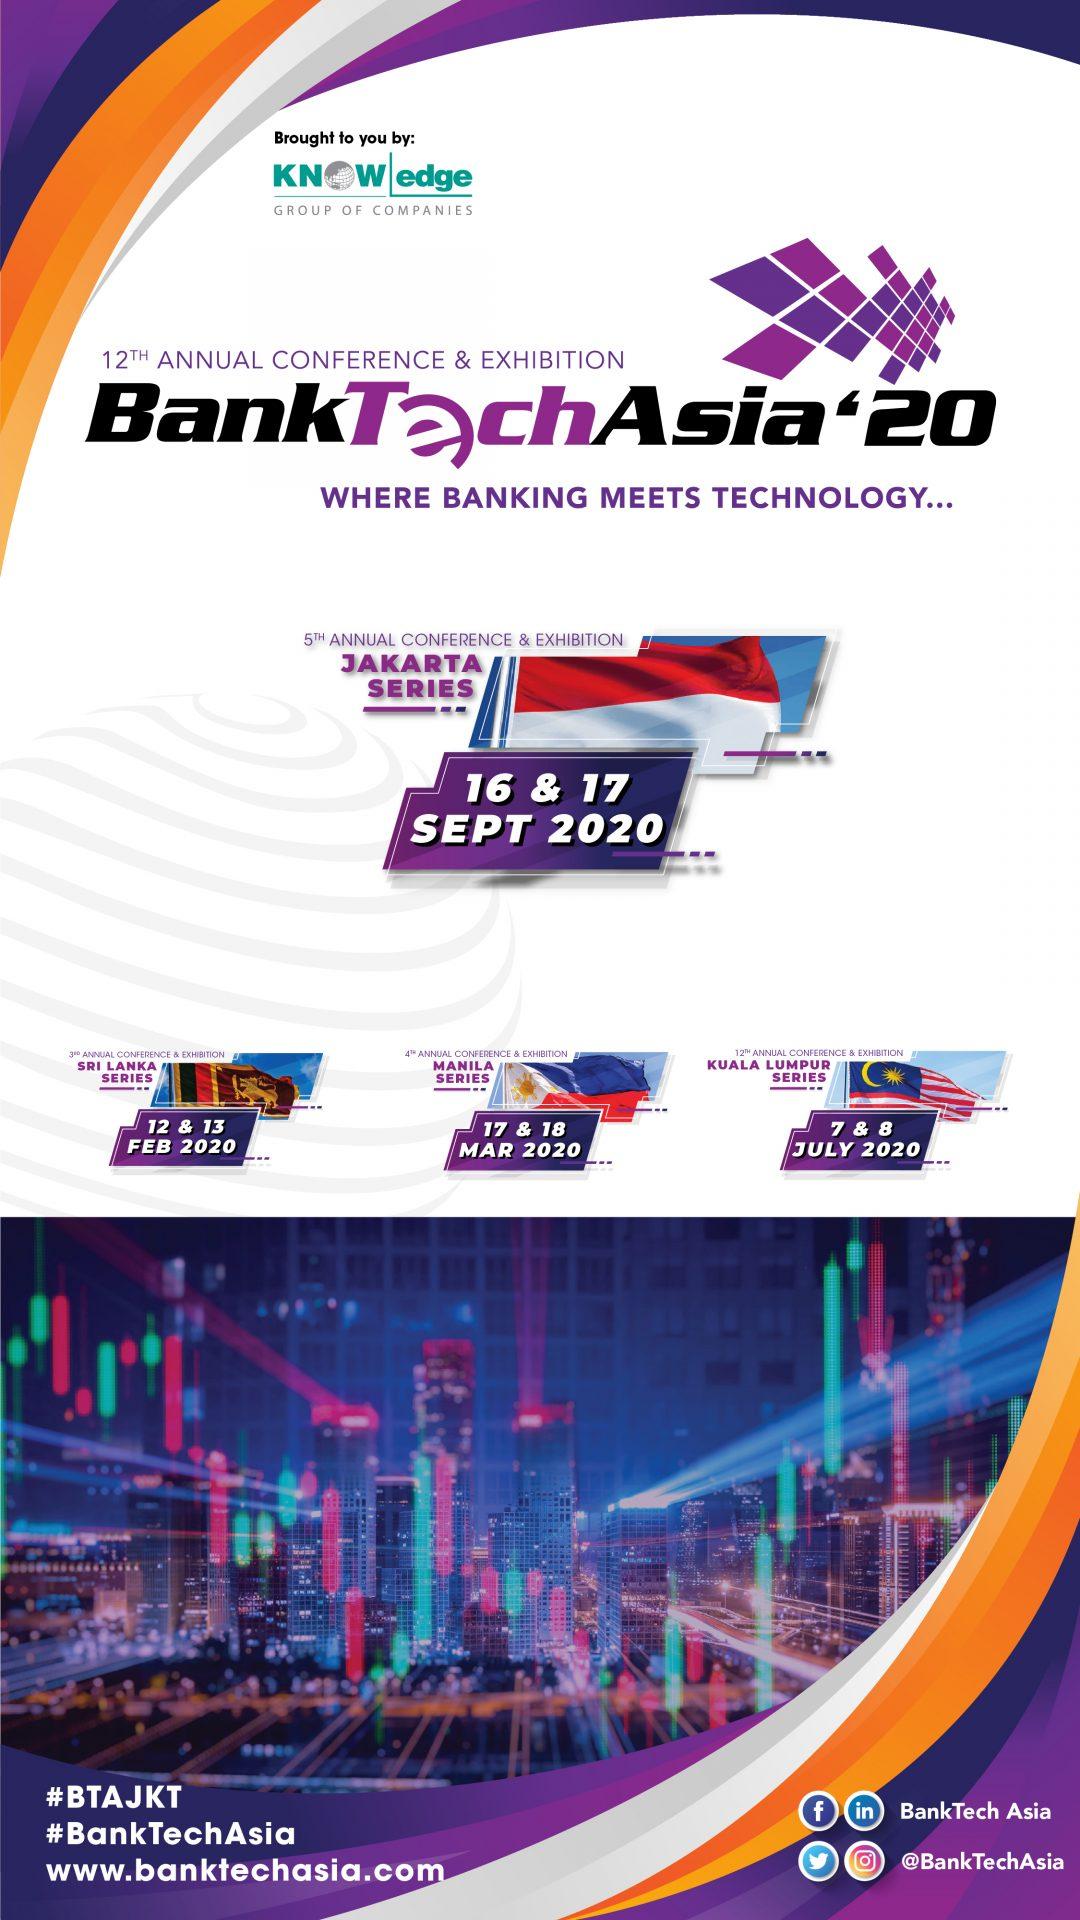 KGC Website Event Slide_2020-09